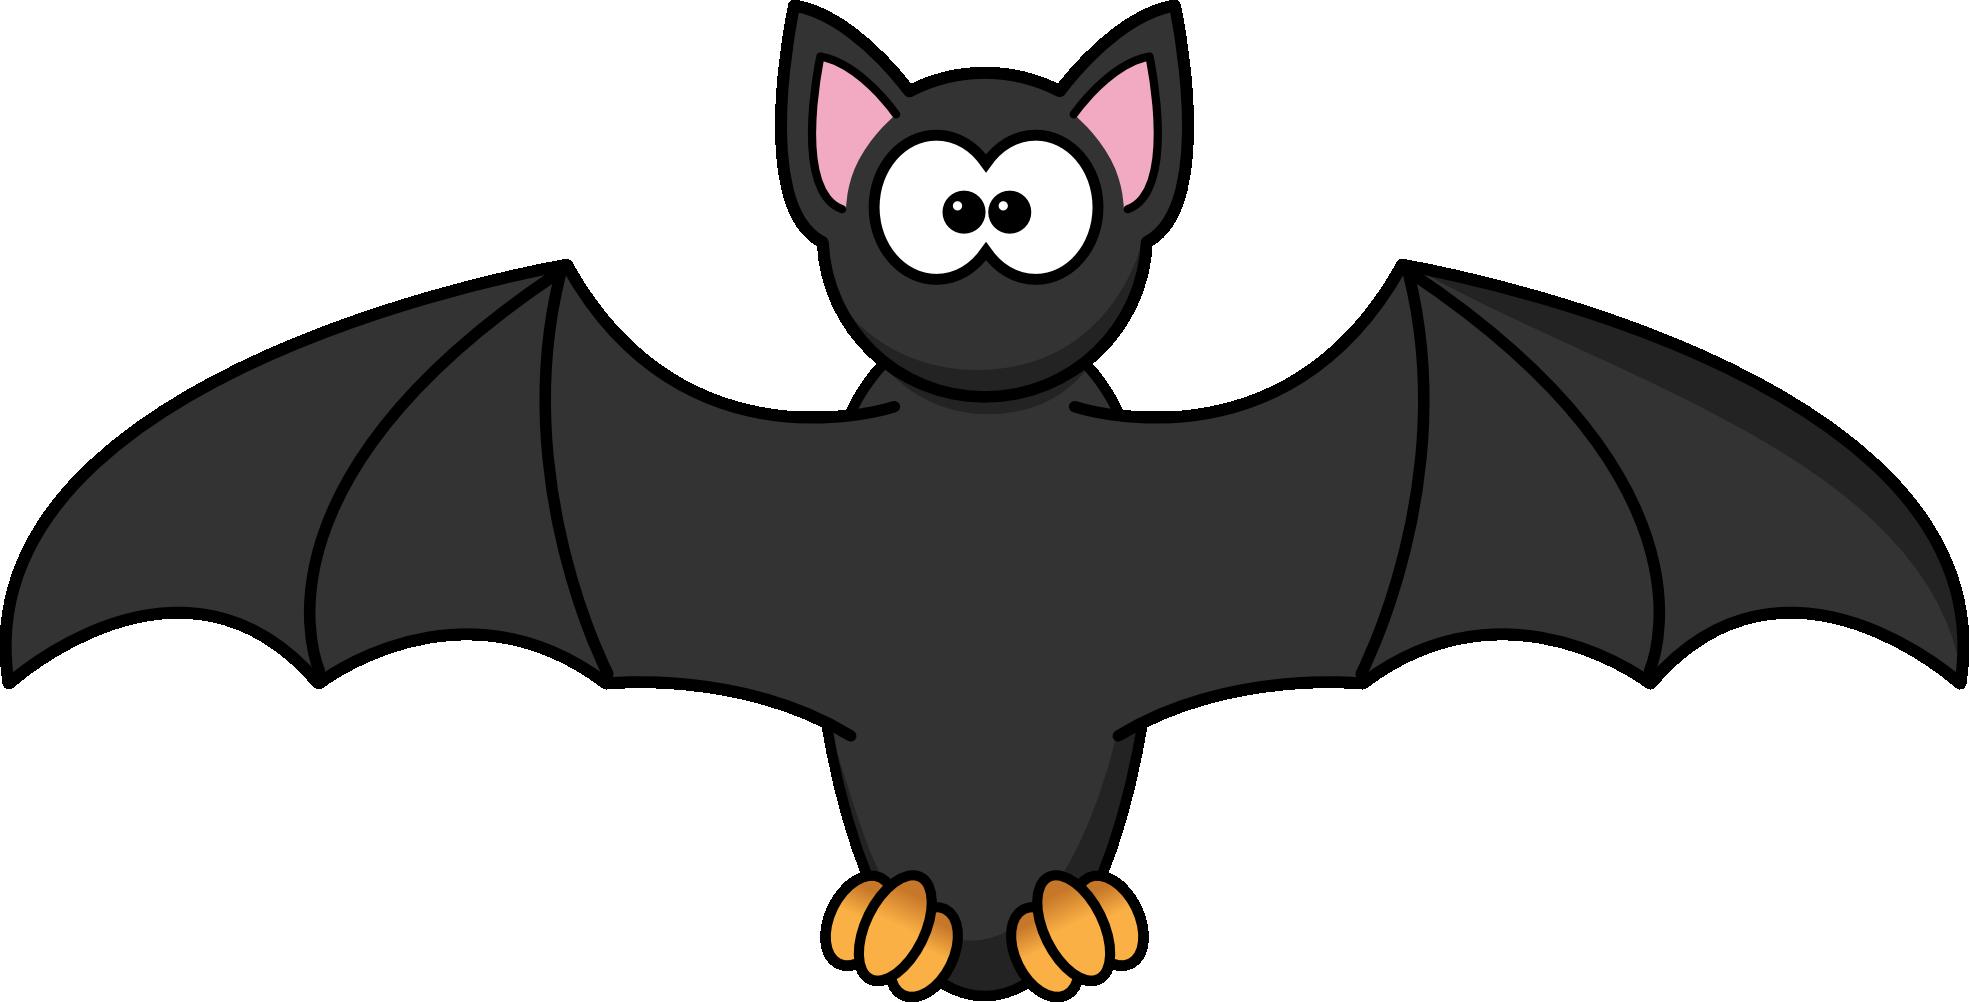 1969x1002 Bat Images Clip Art Many Interesting Cliparts